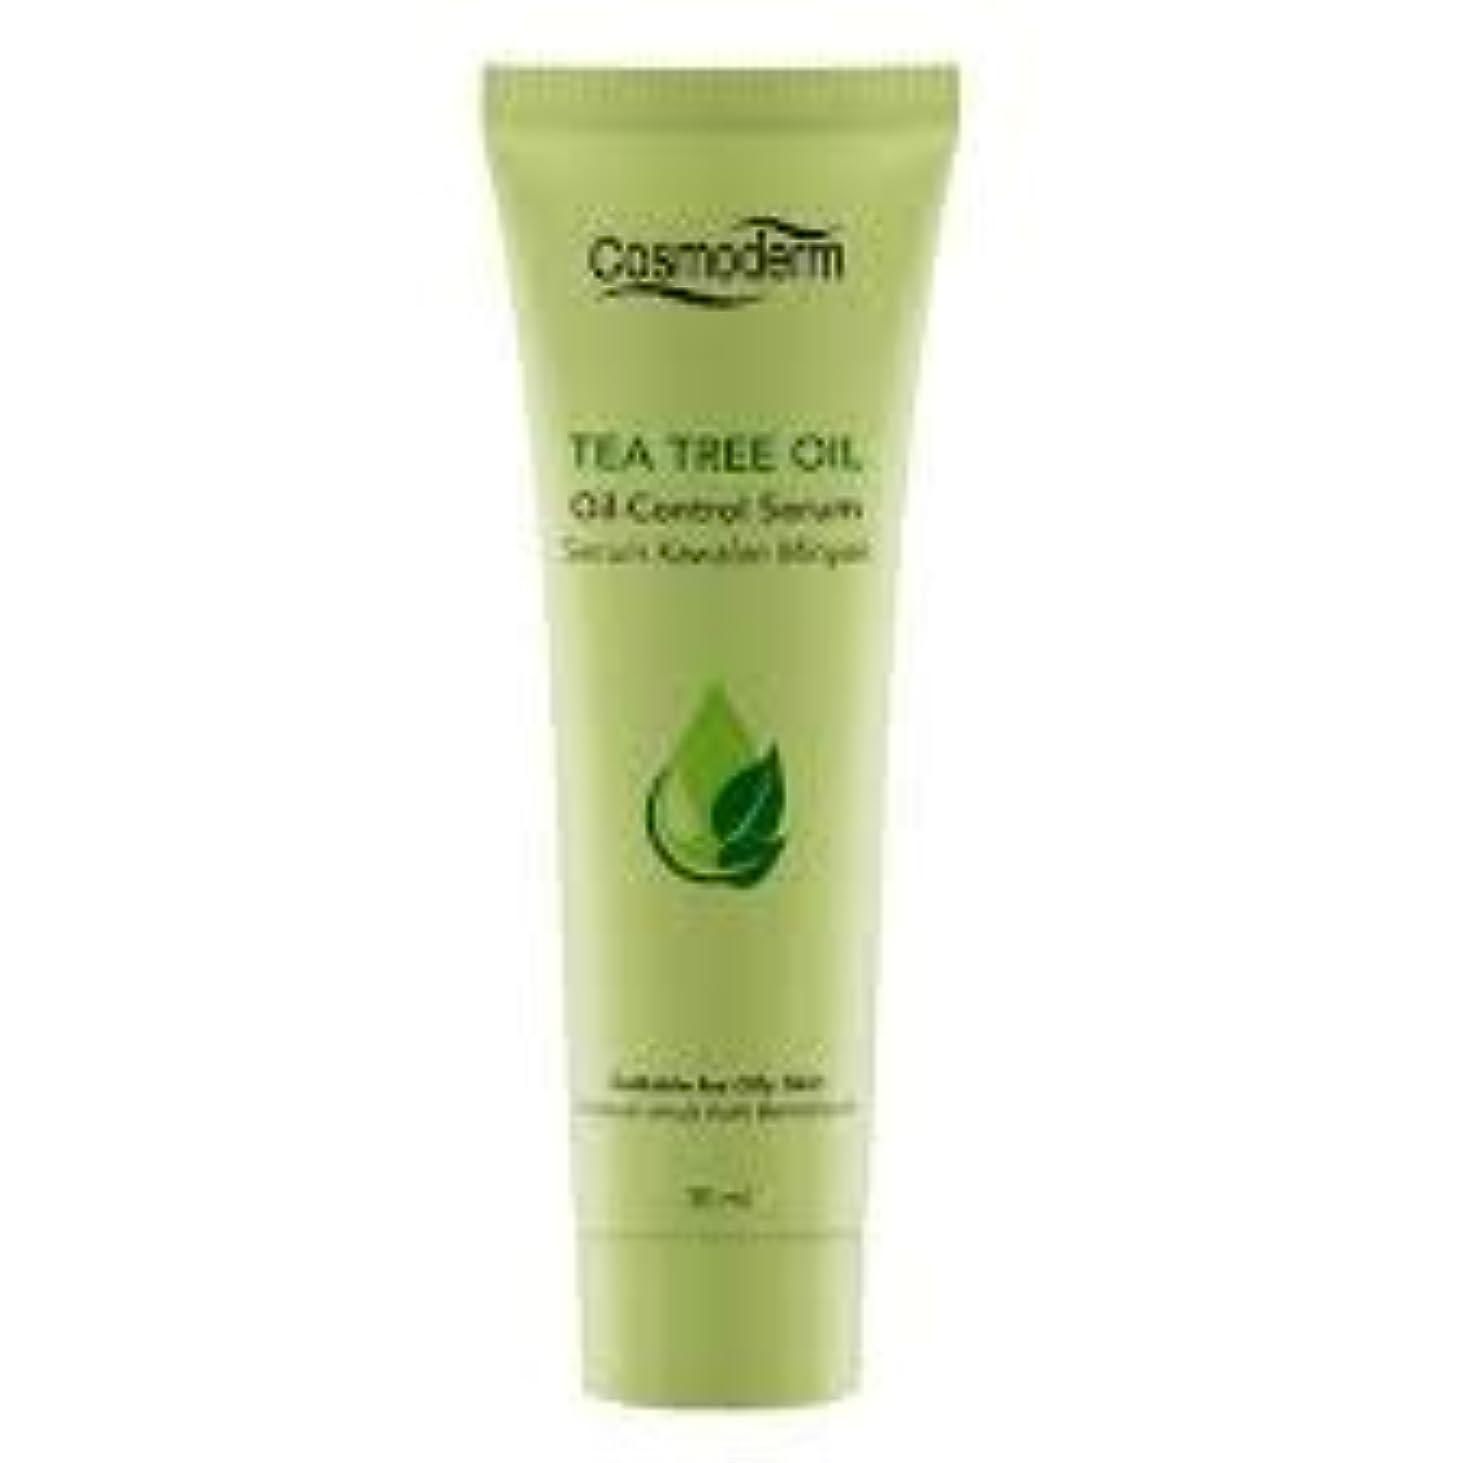 解決する率直な減少COSMODERM ティーツリーオイルコントロールセラム30ml - 吹き出物、にきびやにきびを削減します。毛穴の邪魔を除く、石油生産を制御します。肌の自然な水分を復元します。